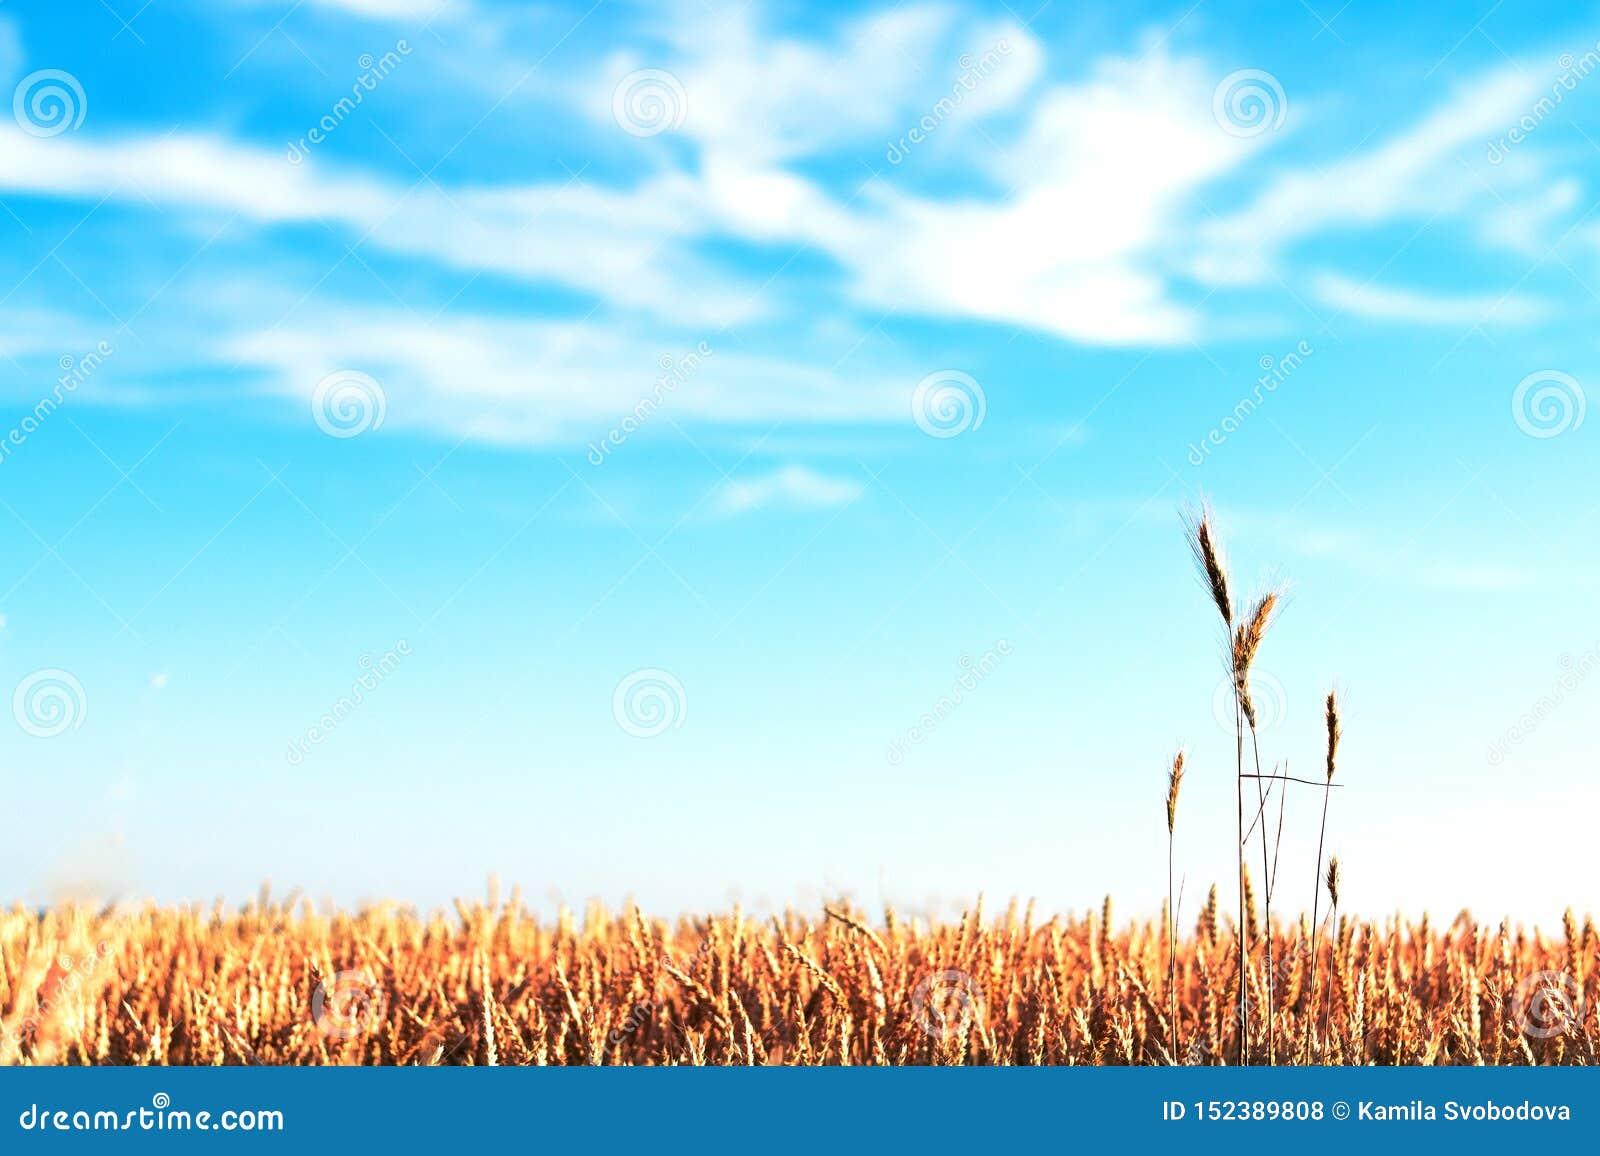 Поле зерна на дне изображения